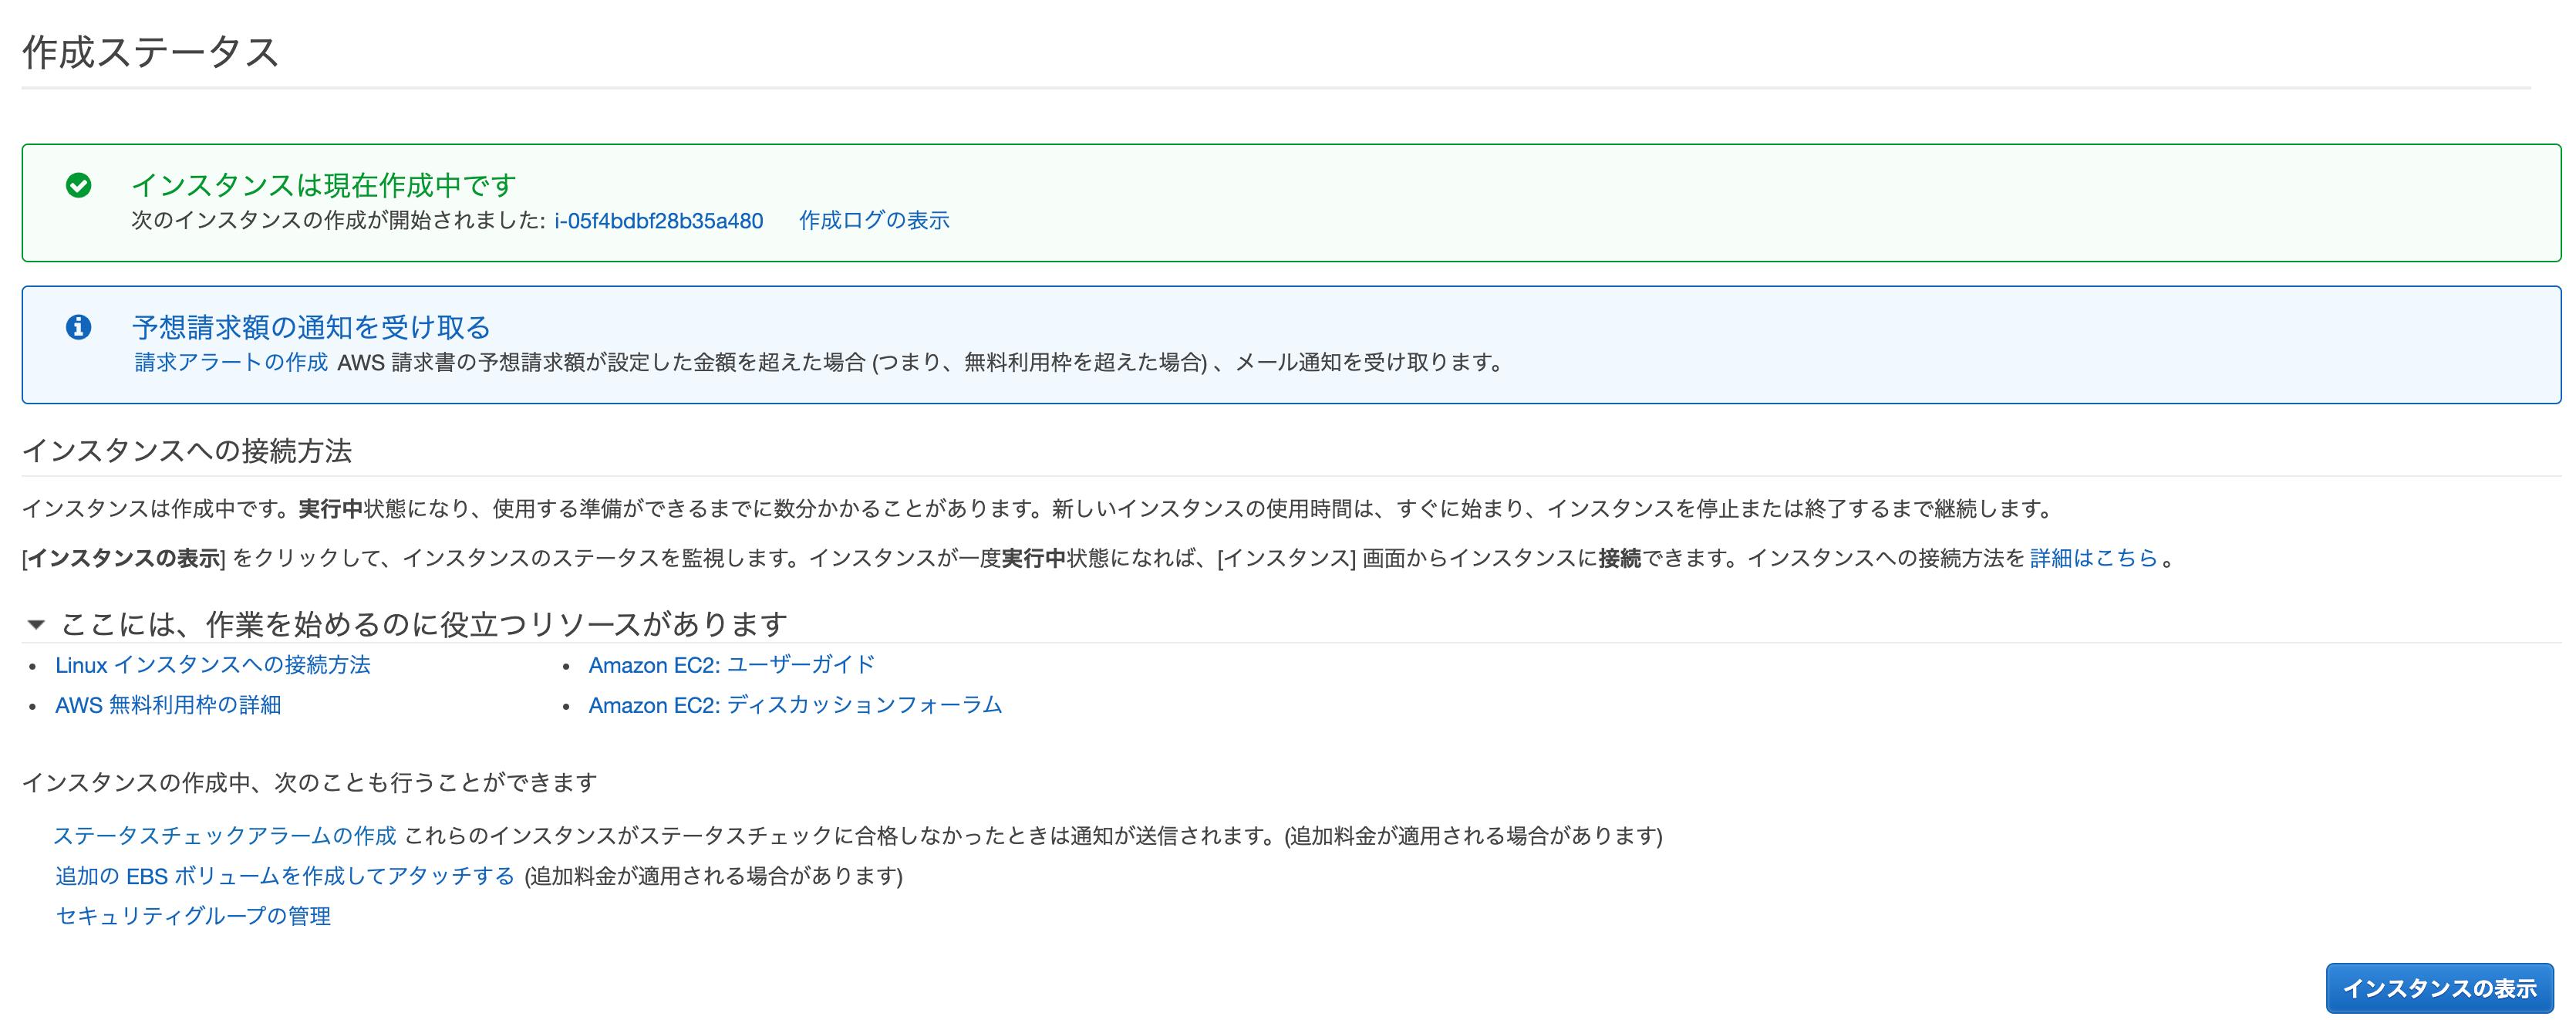 スクリーンショット 2020-01-14 6.43.10.png